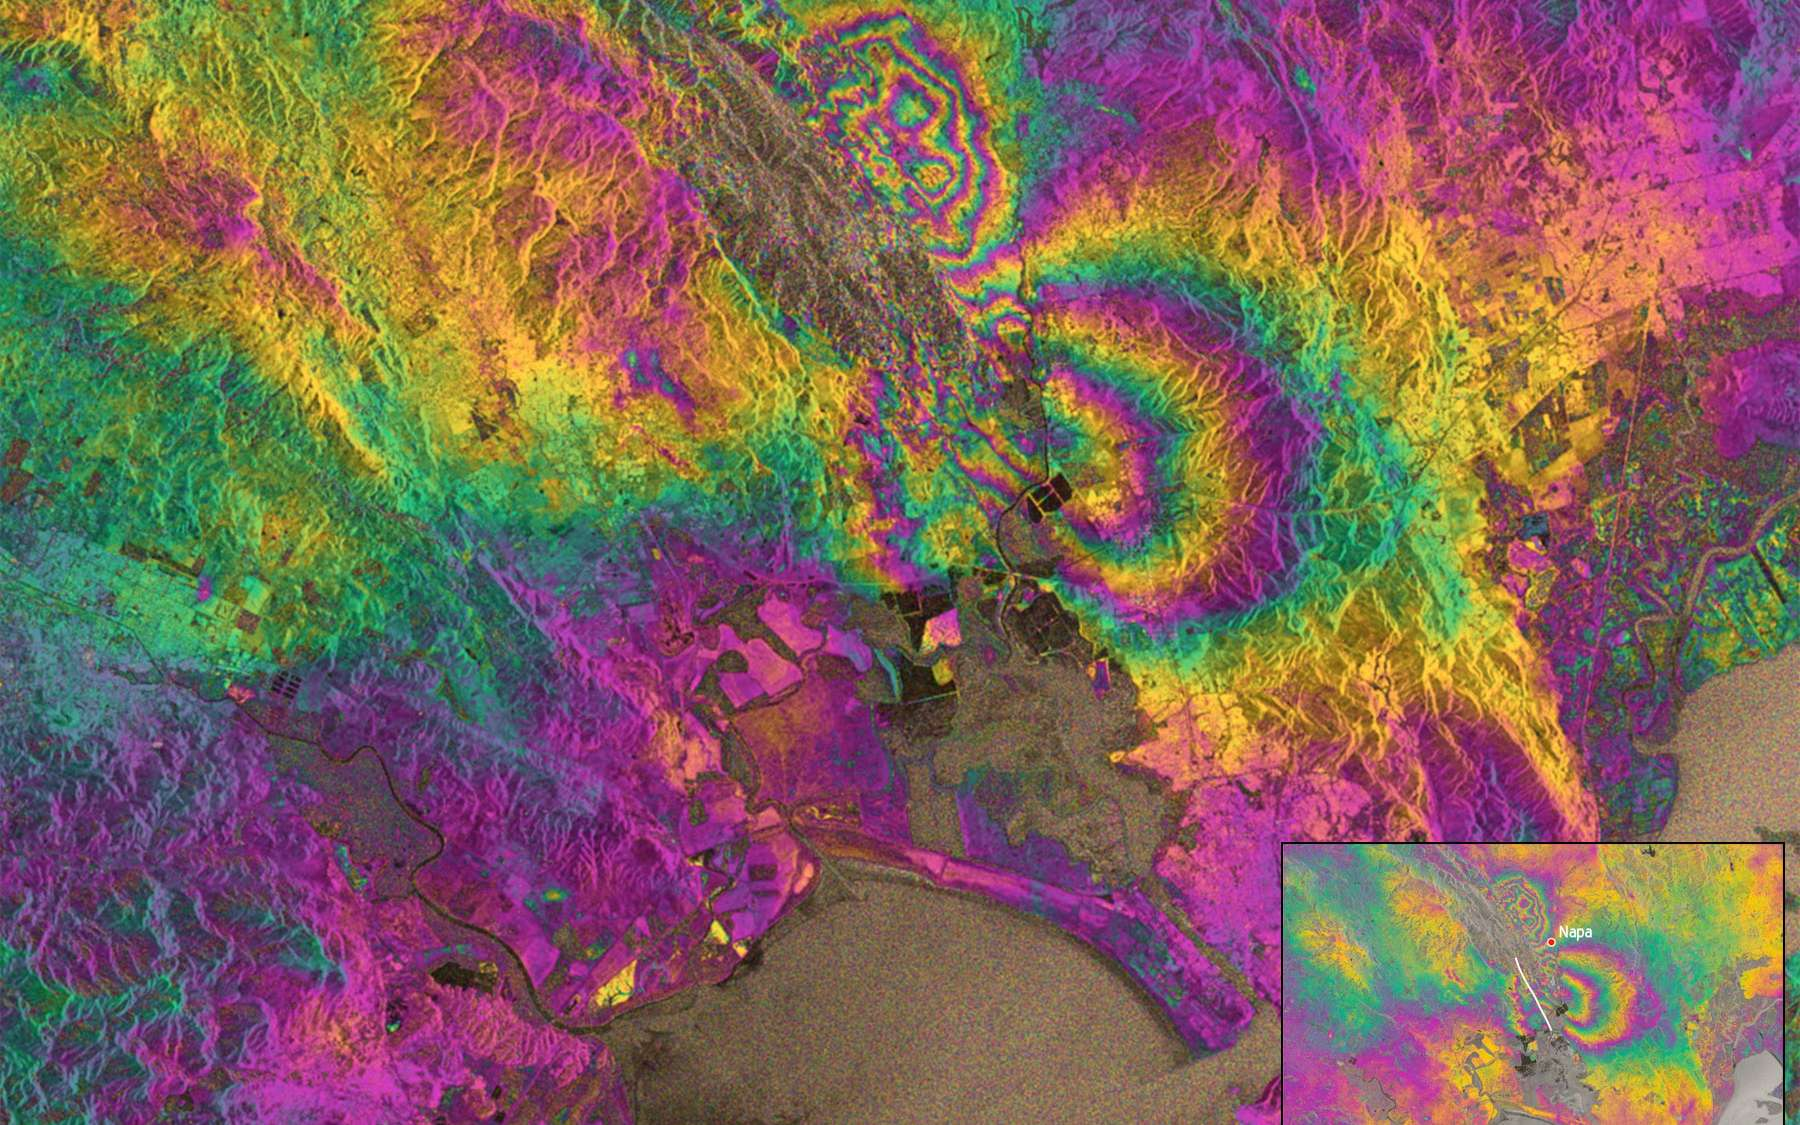 Interférogramme de la déformation du sol survenu après le tremblement de terre du 24 août à Napa Valley (Etats-Unis). Tracé en blanc, l'emplacement de la faille de Napa Occidentale à l'origine du séisme. © Copernicus data (2014), Esa, PPO.labs, Norut, Comet-SEOM Insarap study